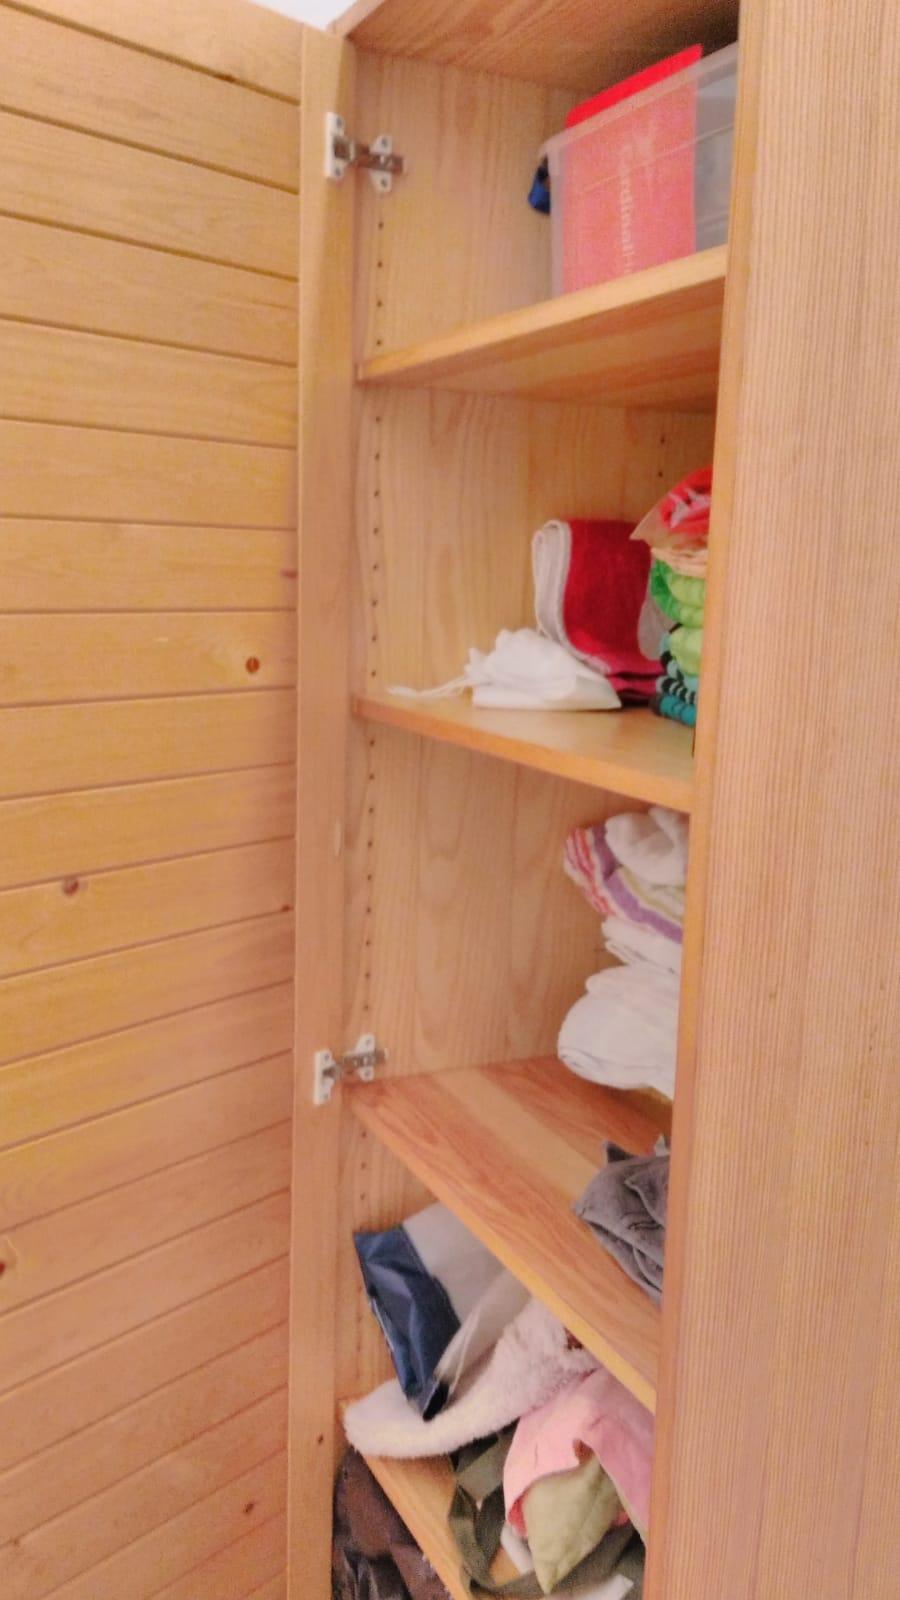 Full Size of Ikea Vorratsschrank Holzschrank Berlin A190110 Miniküche Modulküche Betten Bei 160x200 Küche Kaufen Sofa Mit Schlaffunktion Kosten Wohnzimmer Ikea Vorratsschrank